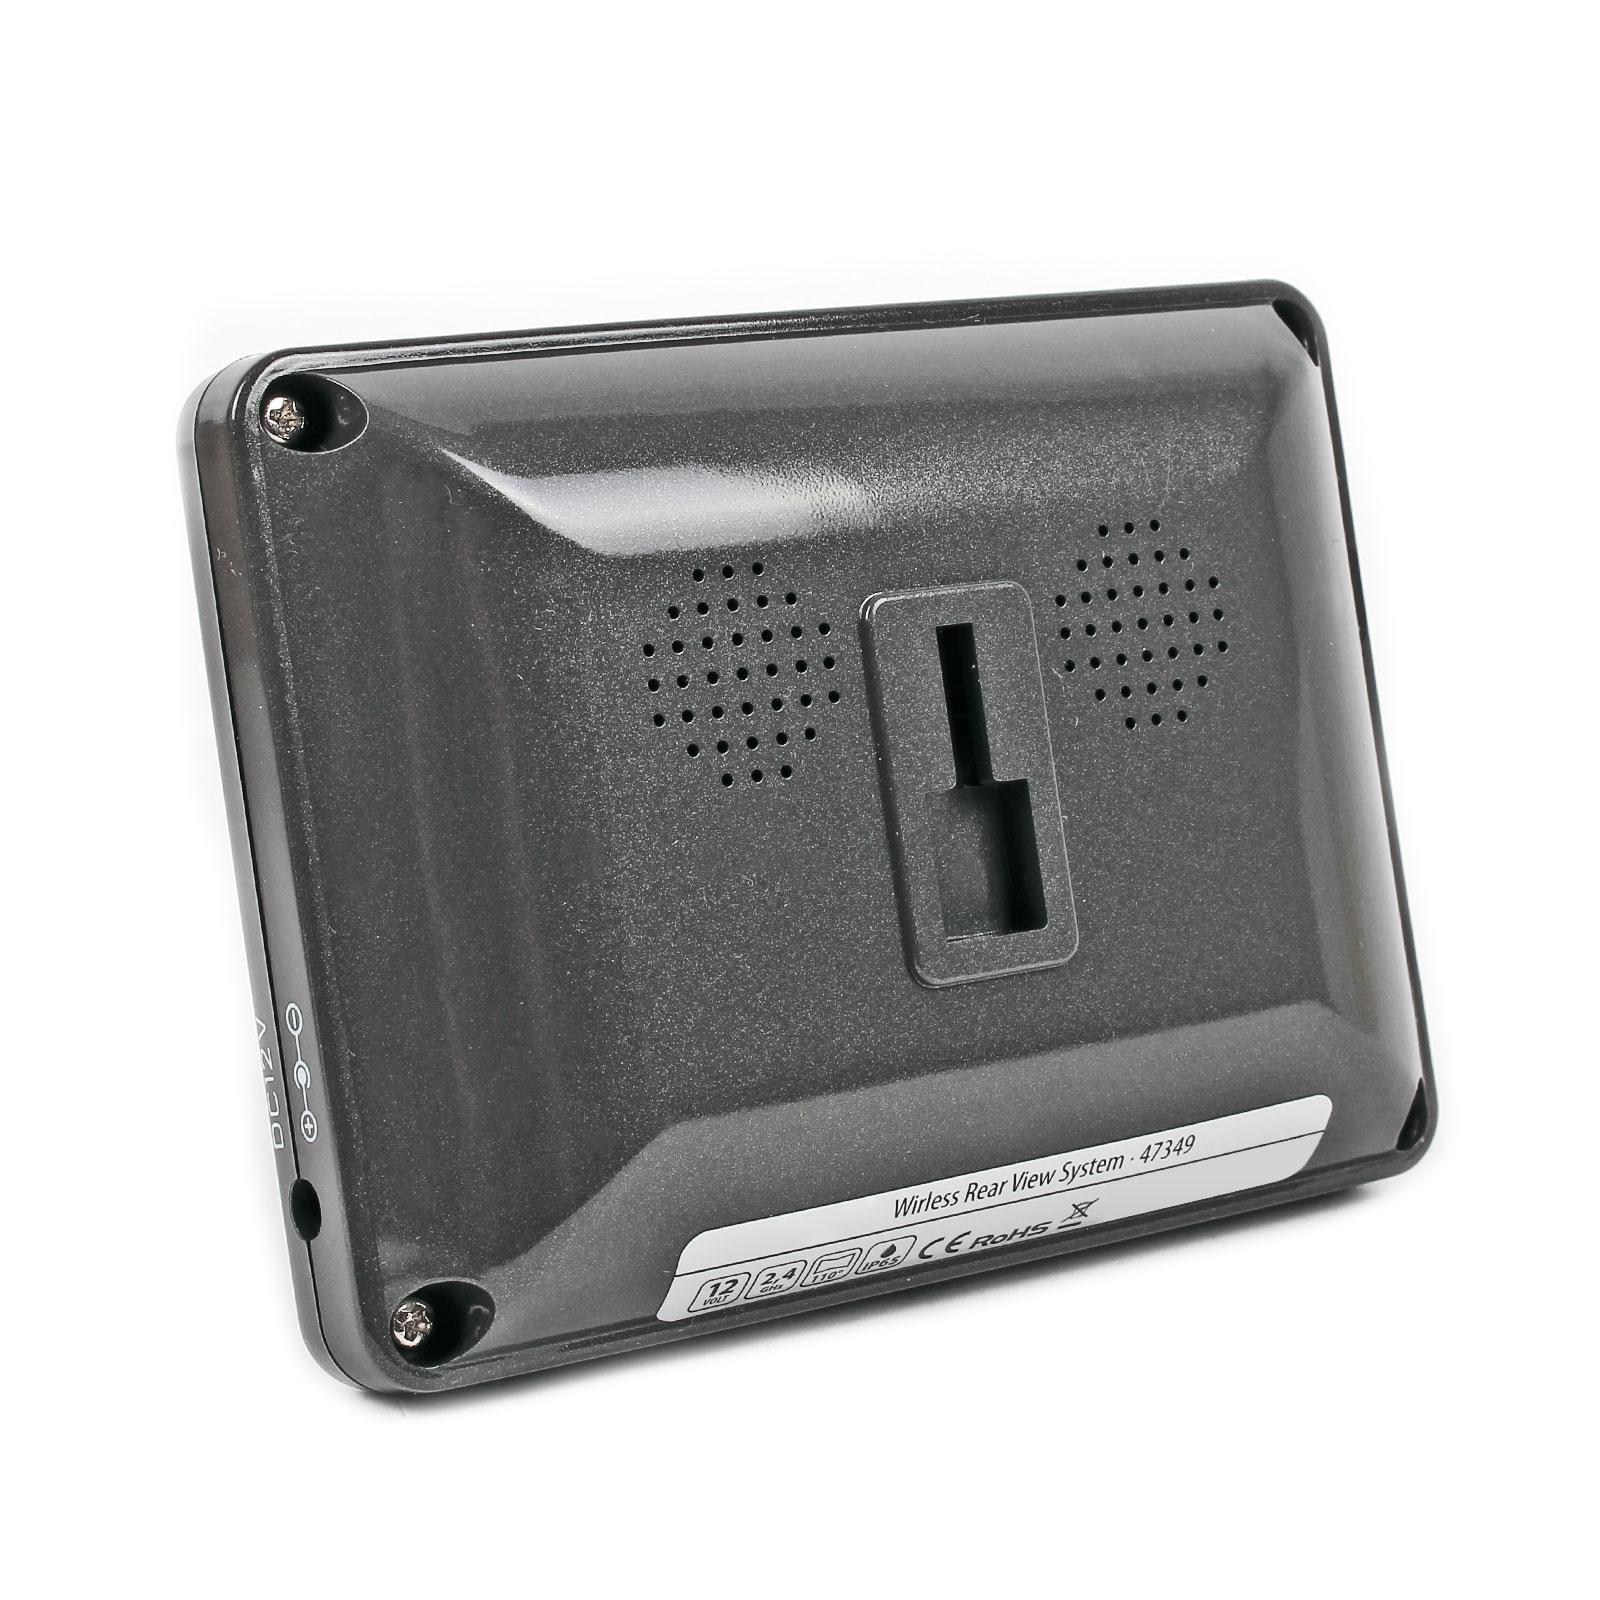 r ckfahrkamera kabellos 12v 3 5 monitor mit. Black Bedroom Furniture Sets. Home Design Ideas